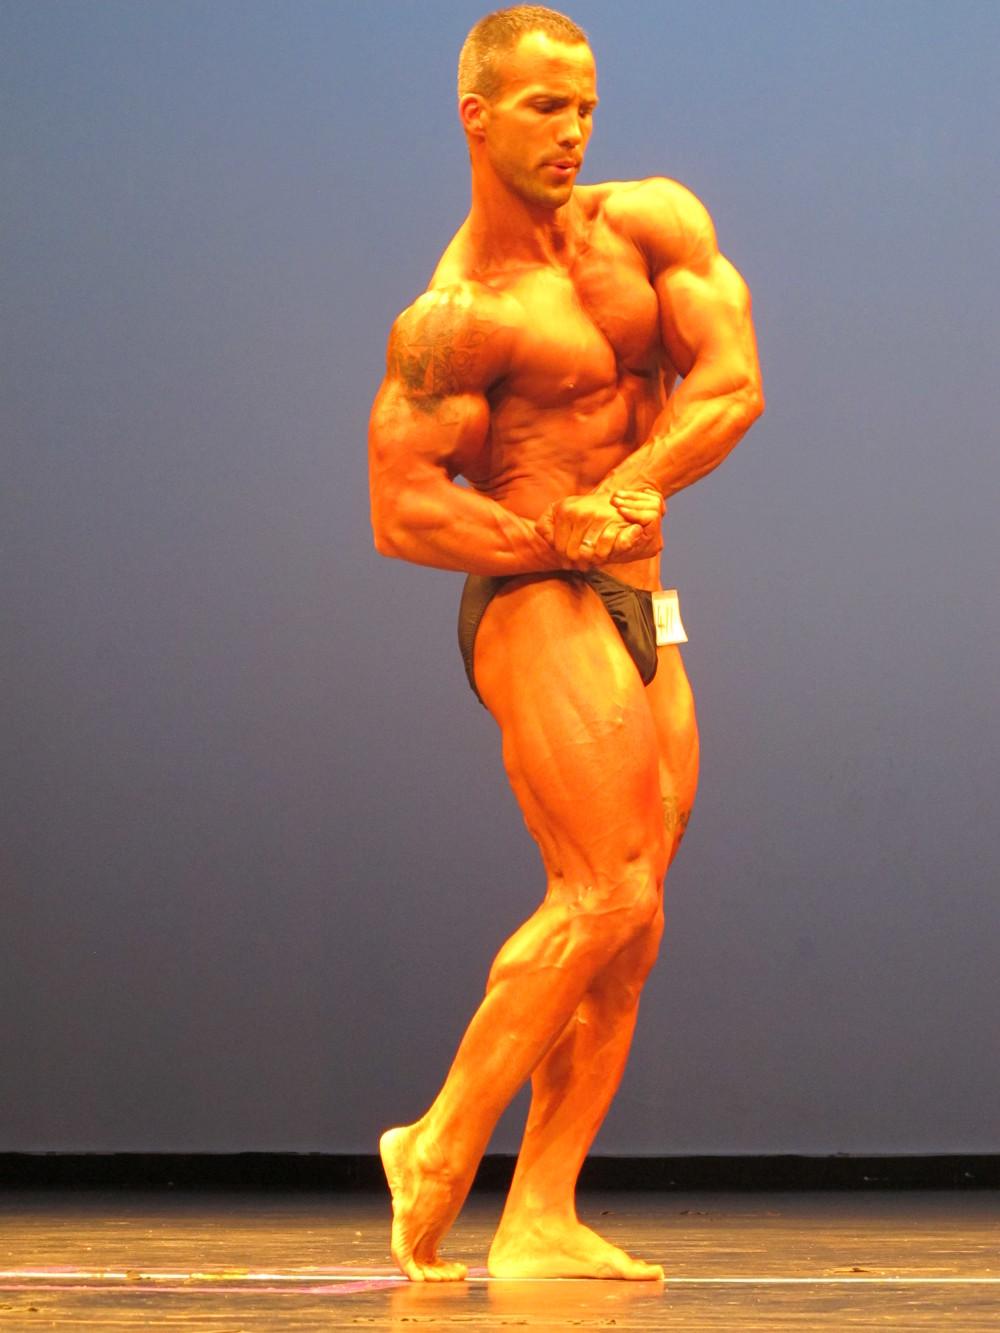 bodybuilding 229.jpg